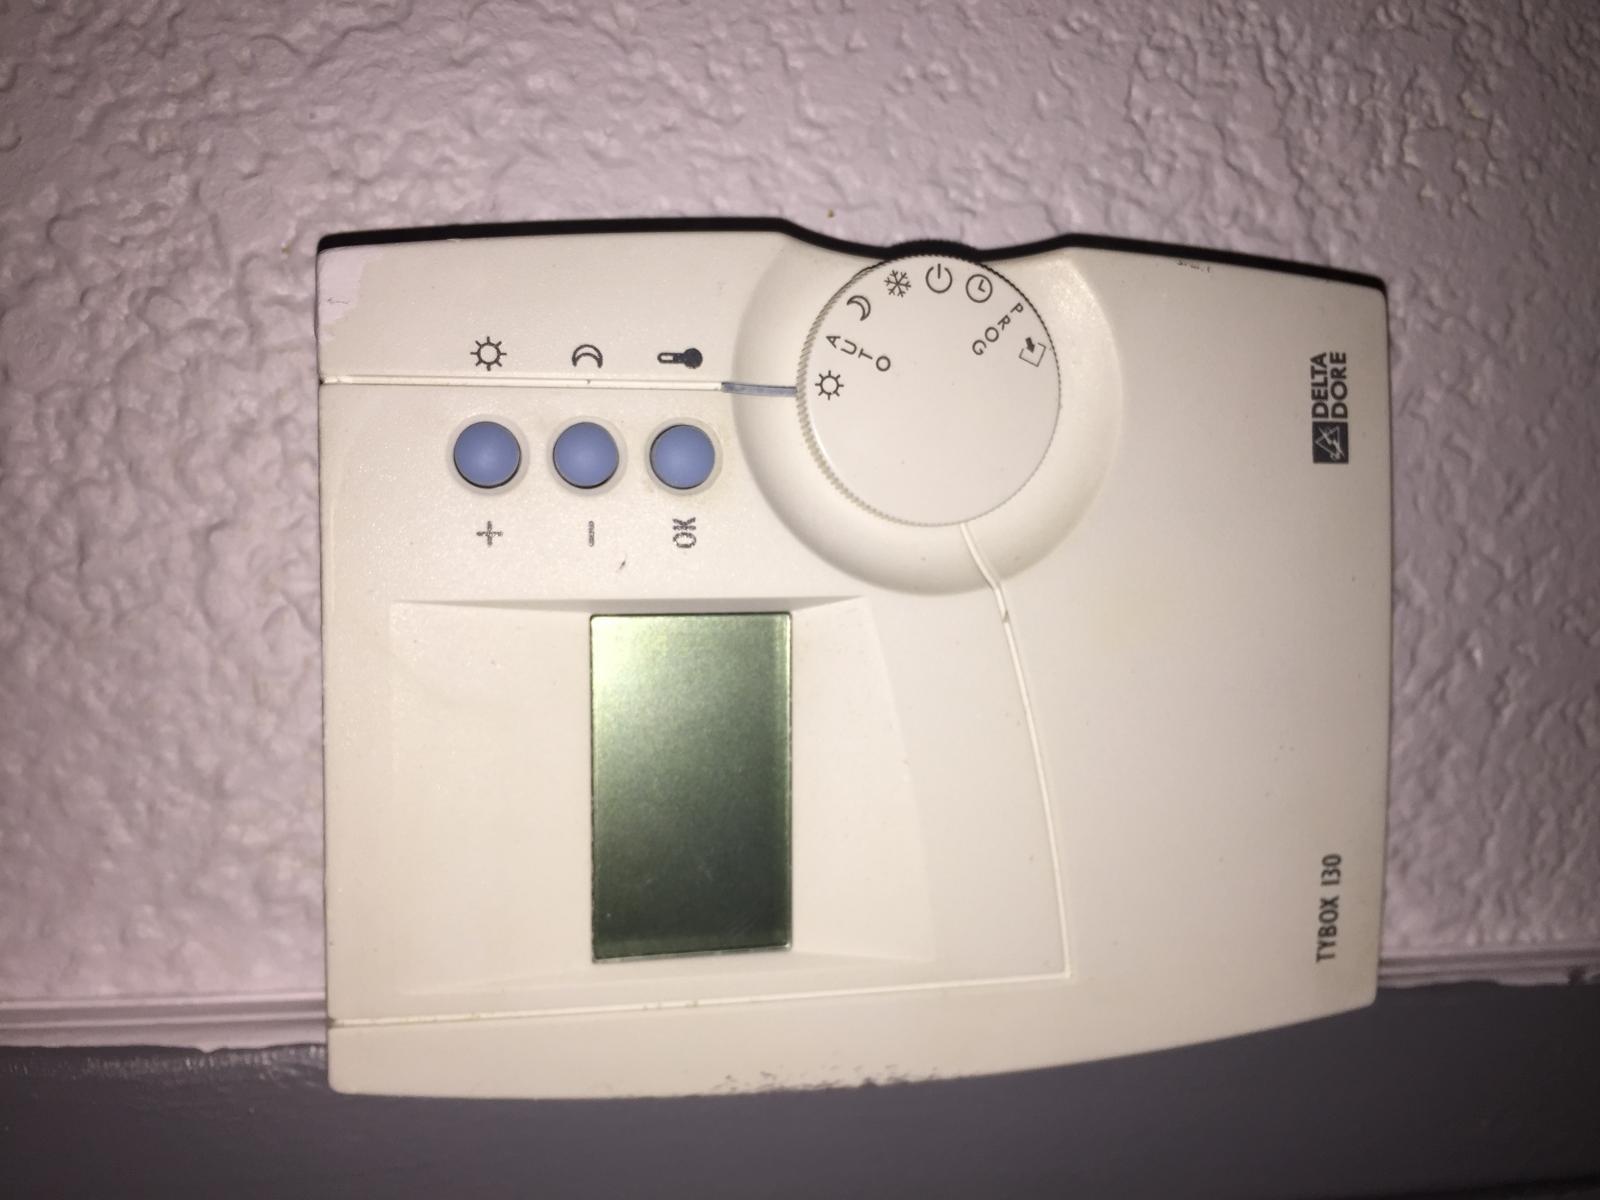 Thermostat radiateurs lectriques - Thermostat radiateur electrique ...